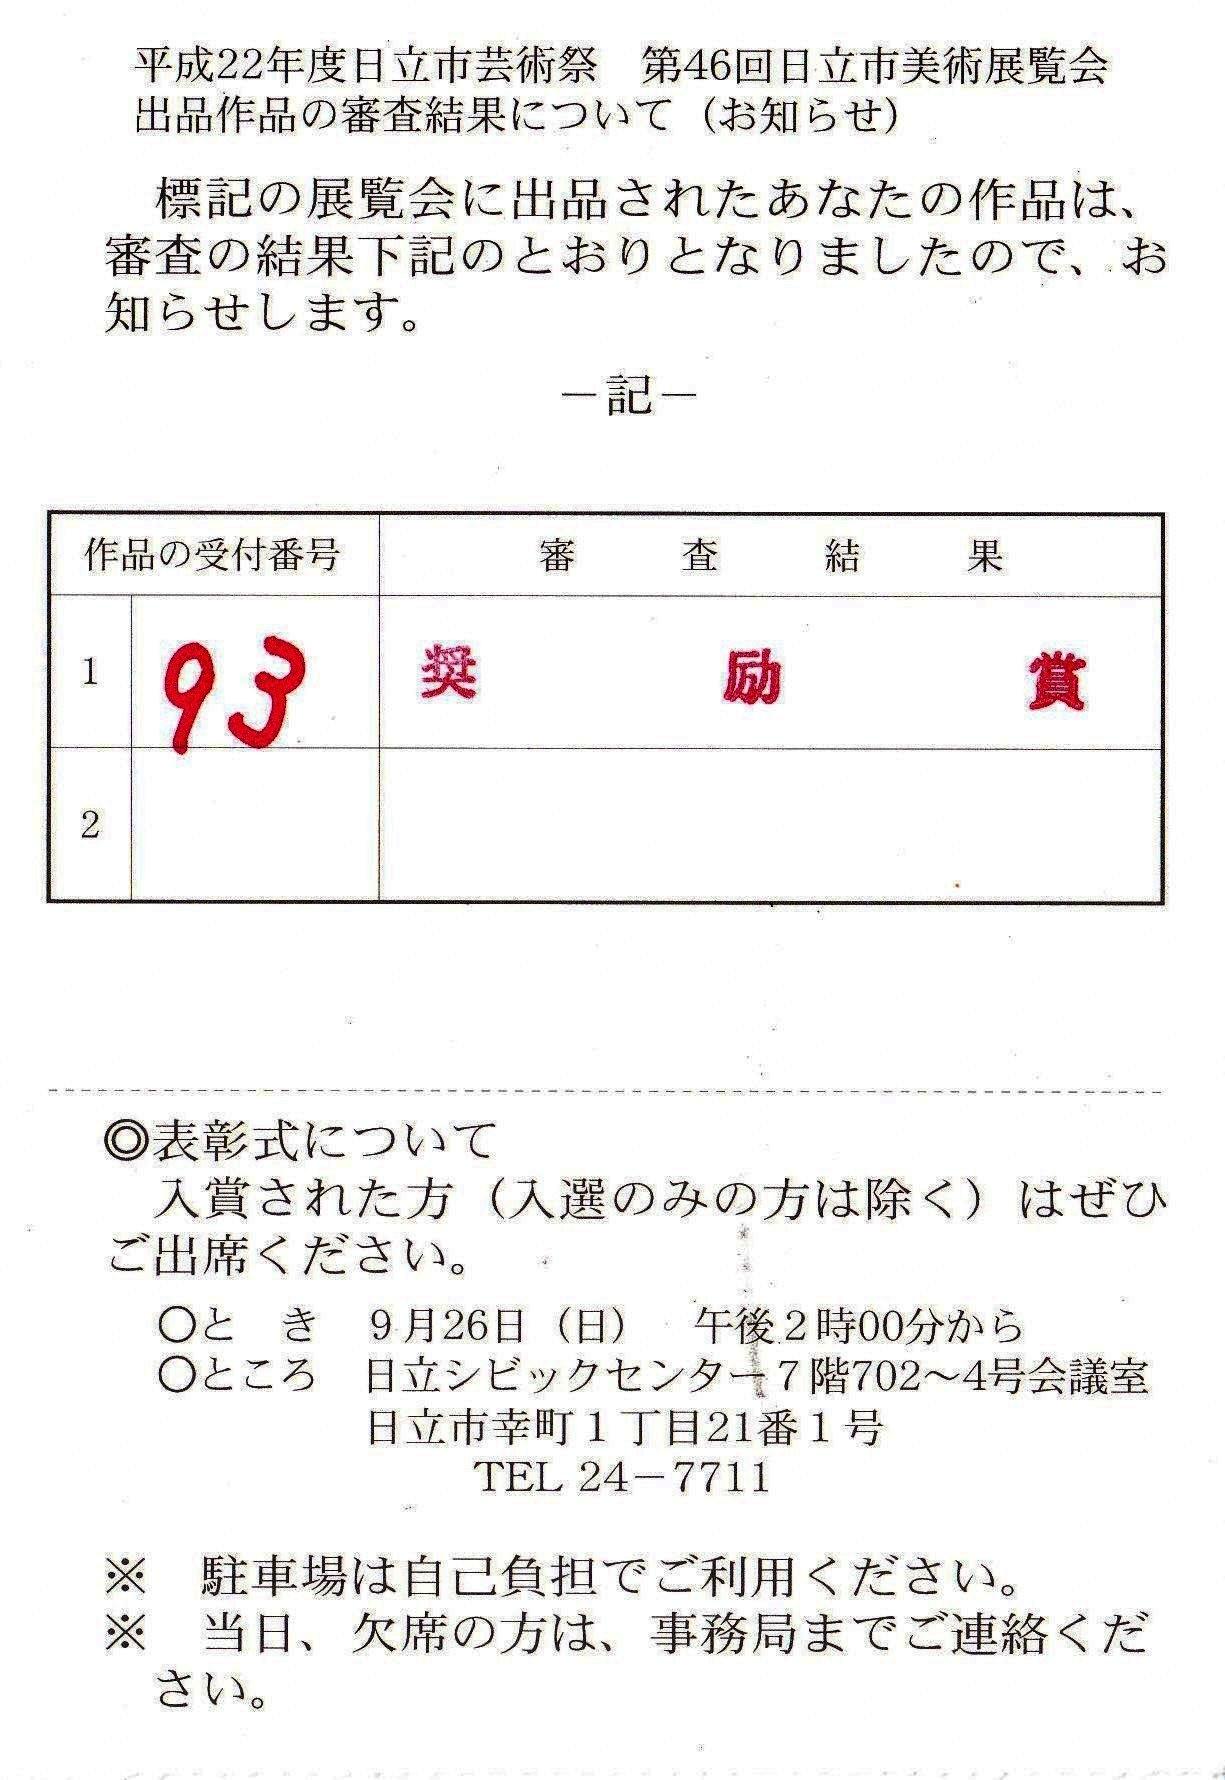 10年9月15日・第二部日立市展審査結果_c0129671_1822921.jpg